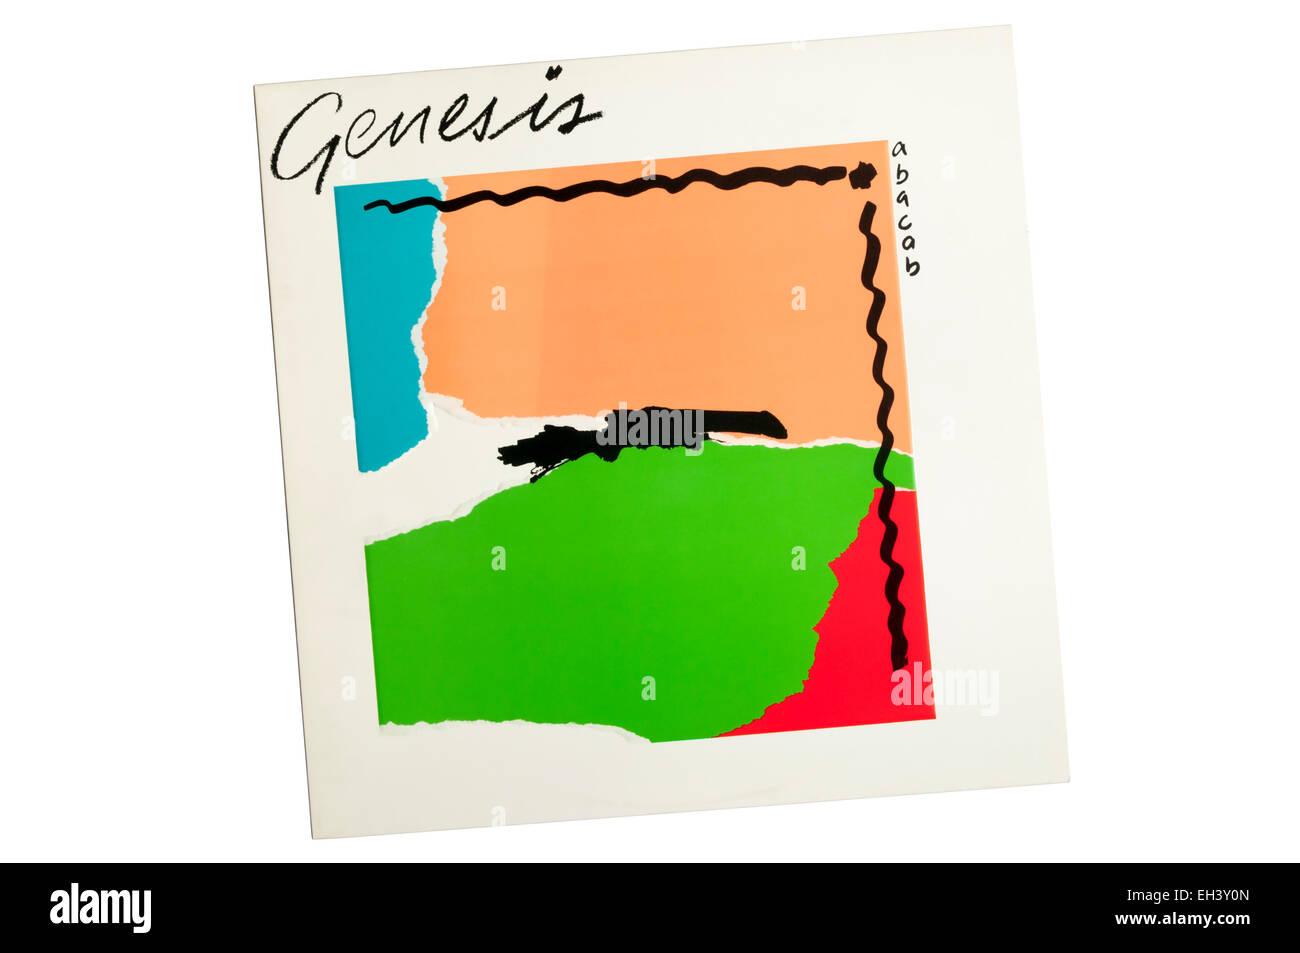 Liveauftritten, veröffentlicht im Jahr 1981 wurde das 11. Studioalbum der britischen Band Genesis. Stockbild